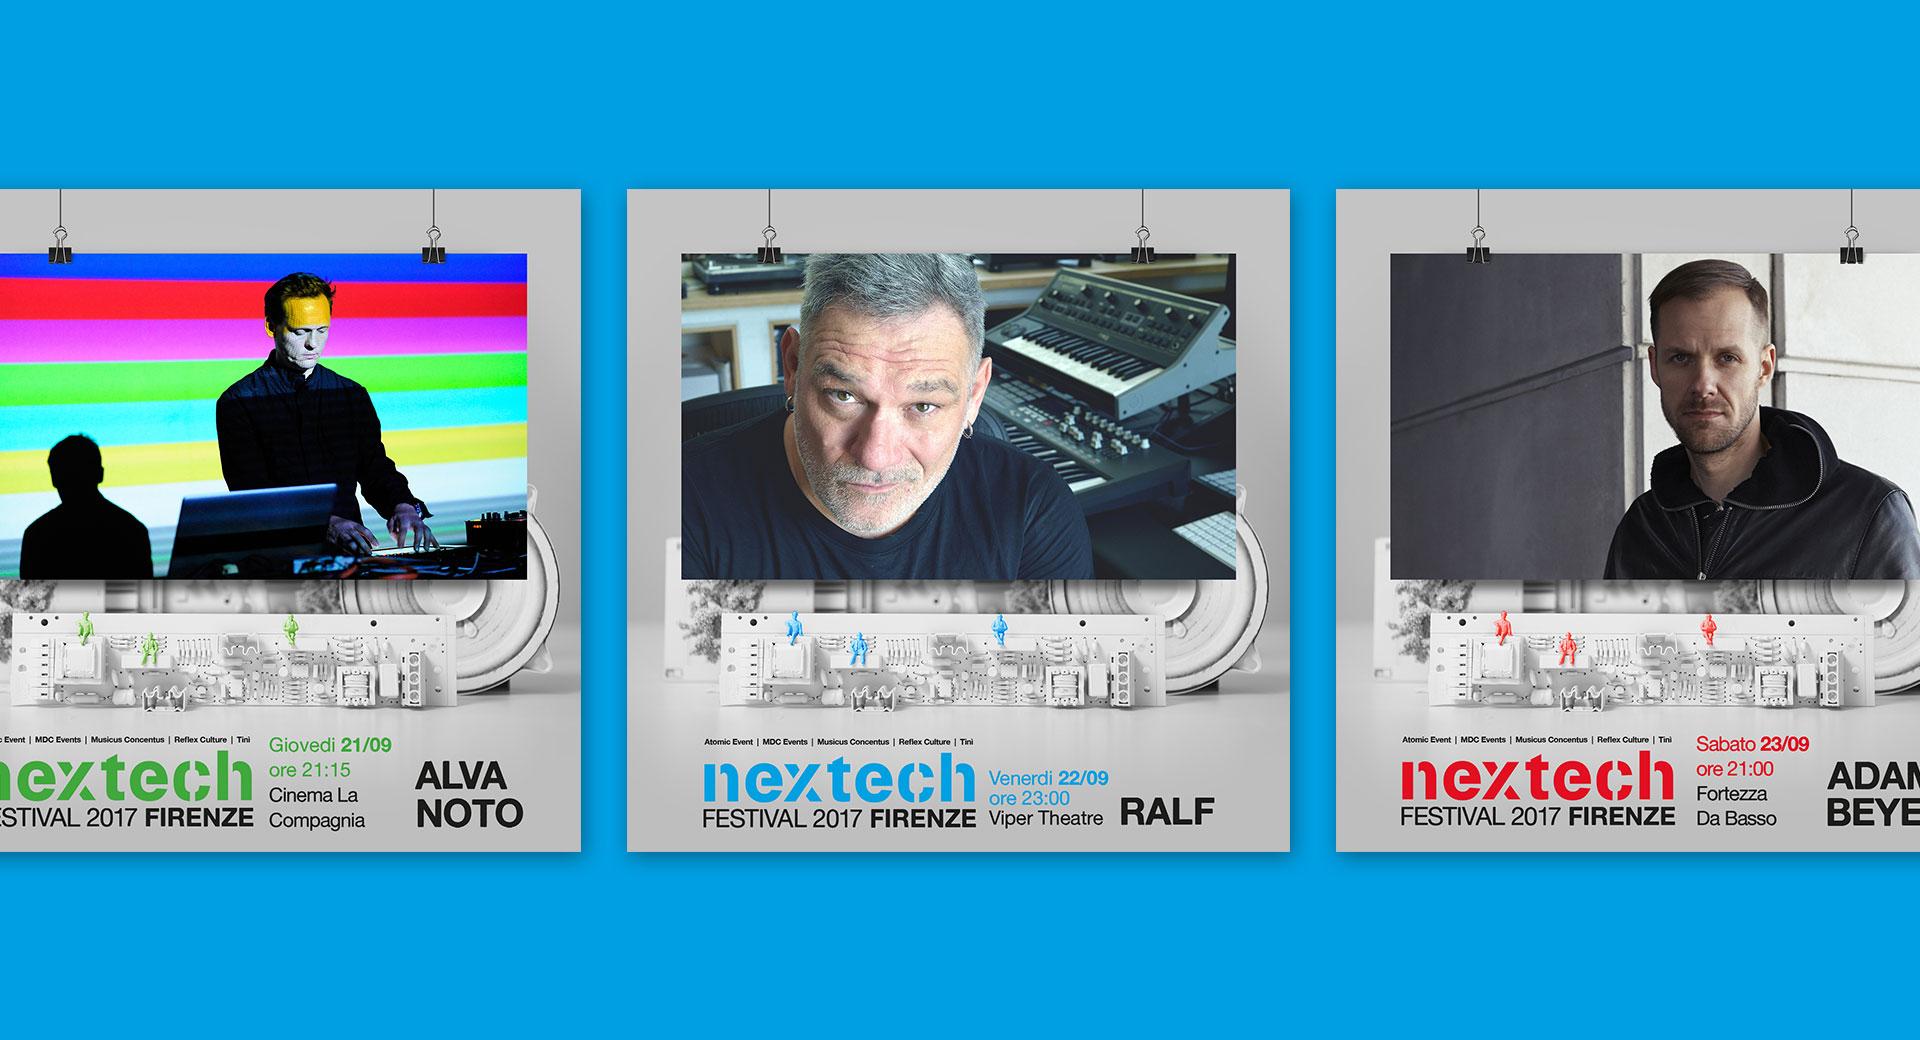 Nextech-Festival-2017-guests